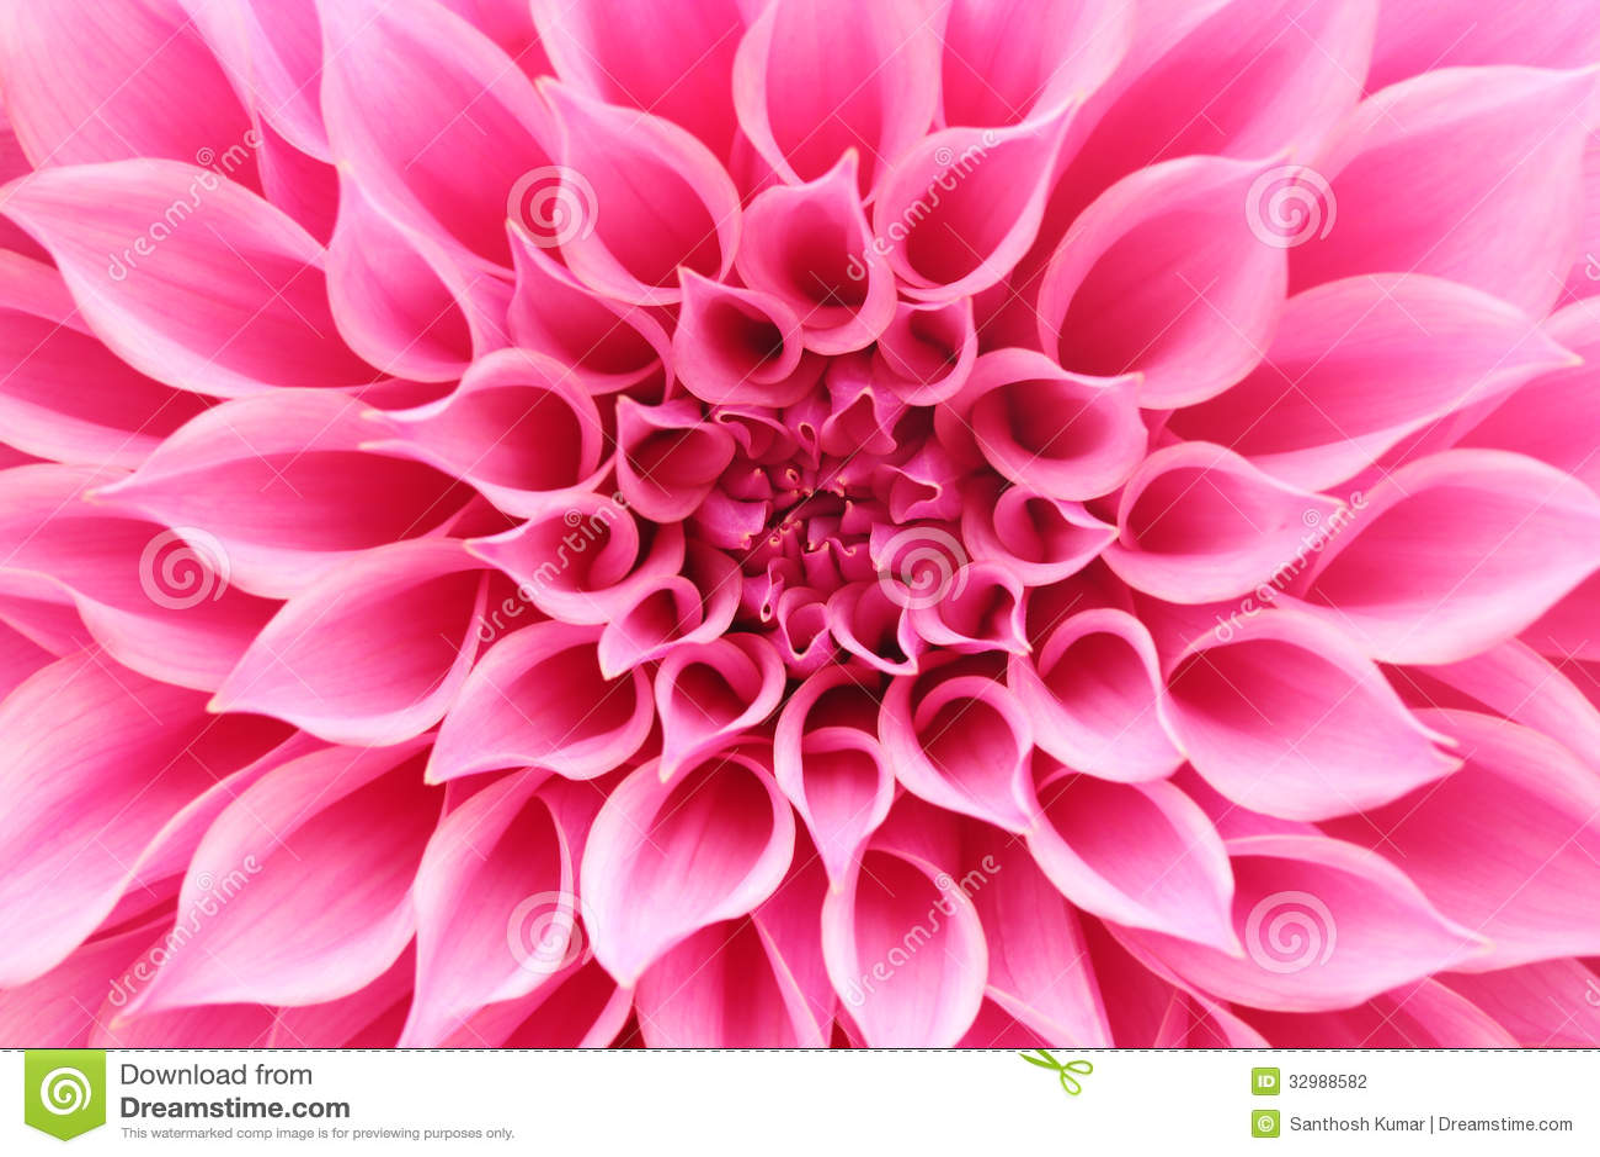 Abstrakt closeup (makro) av den rosa dahliablomman med nätta kronblad